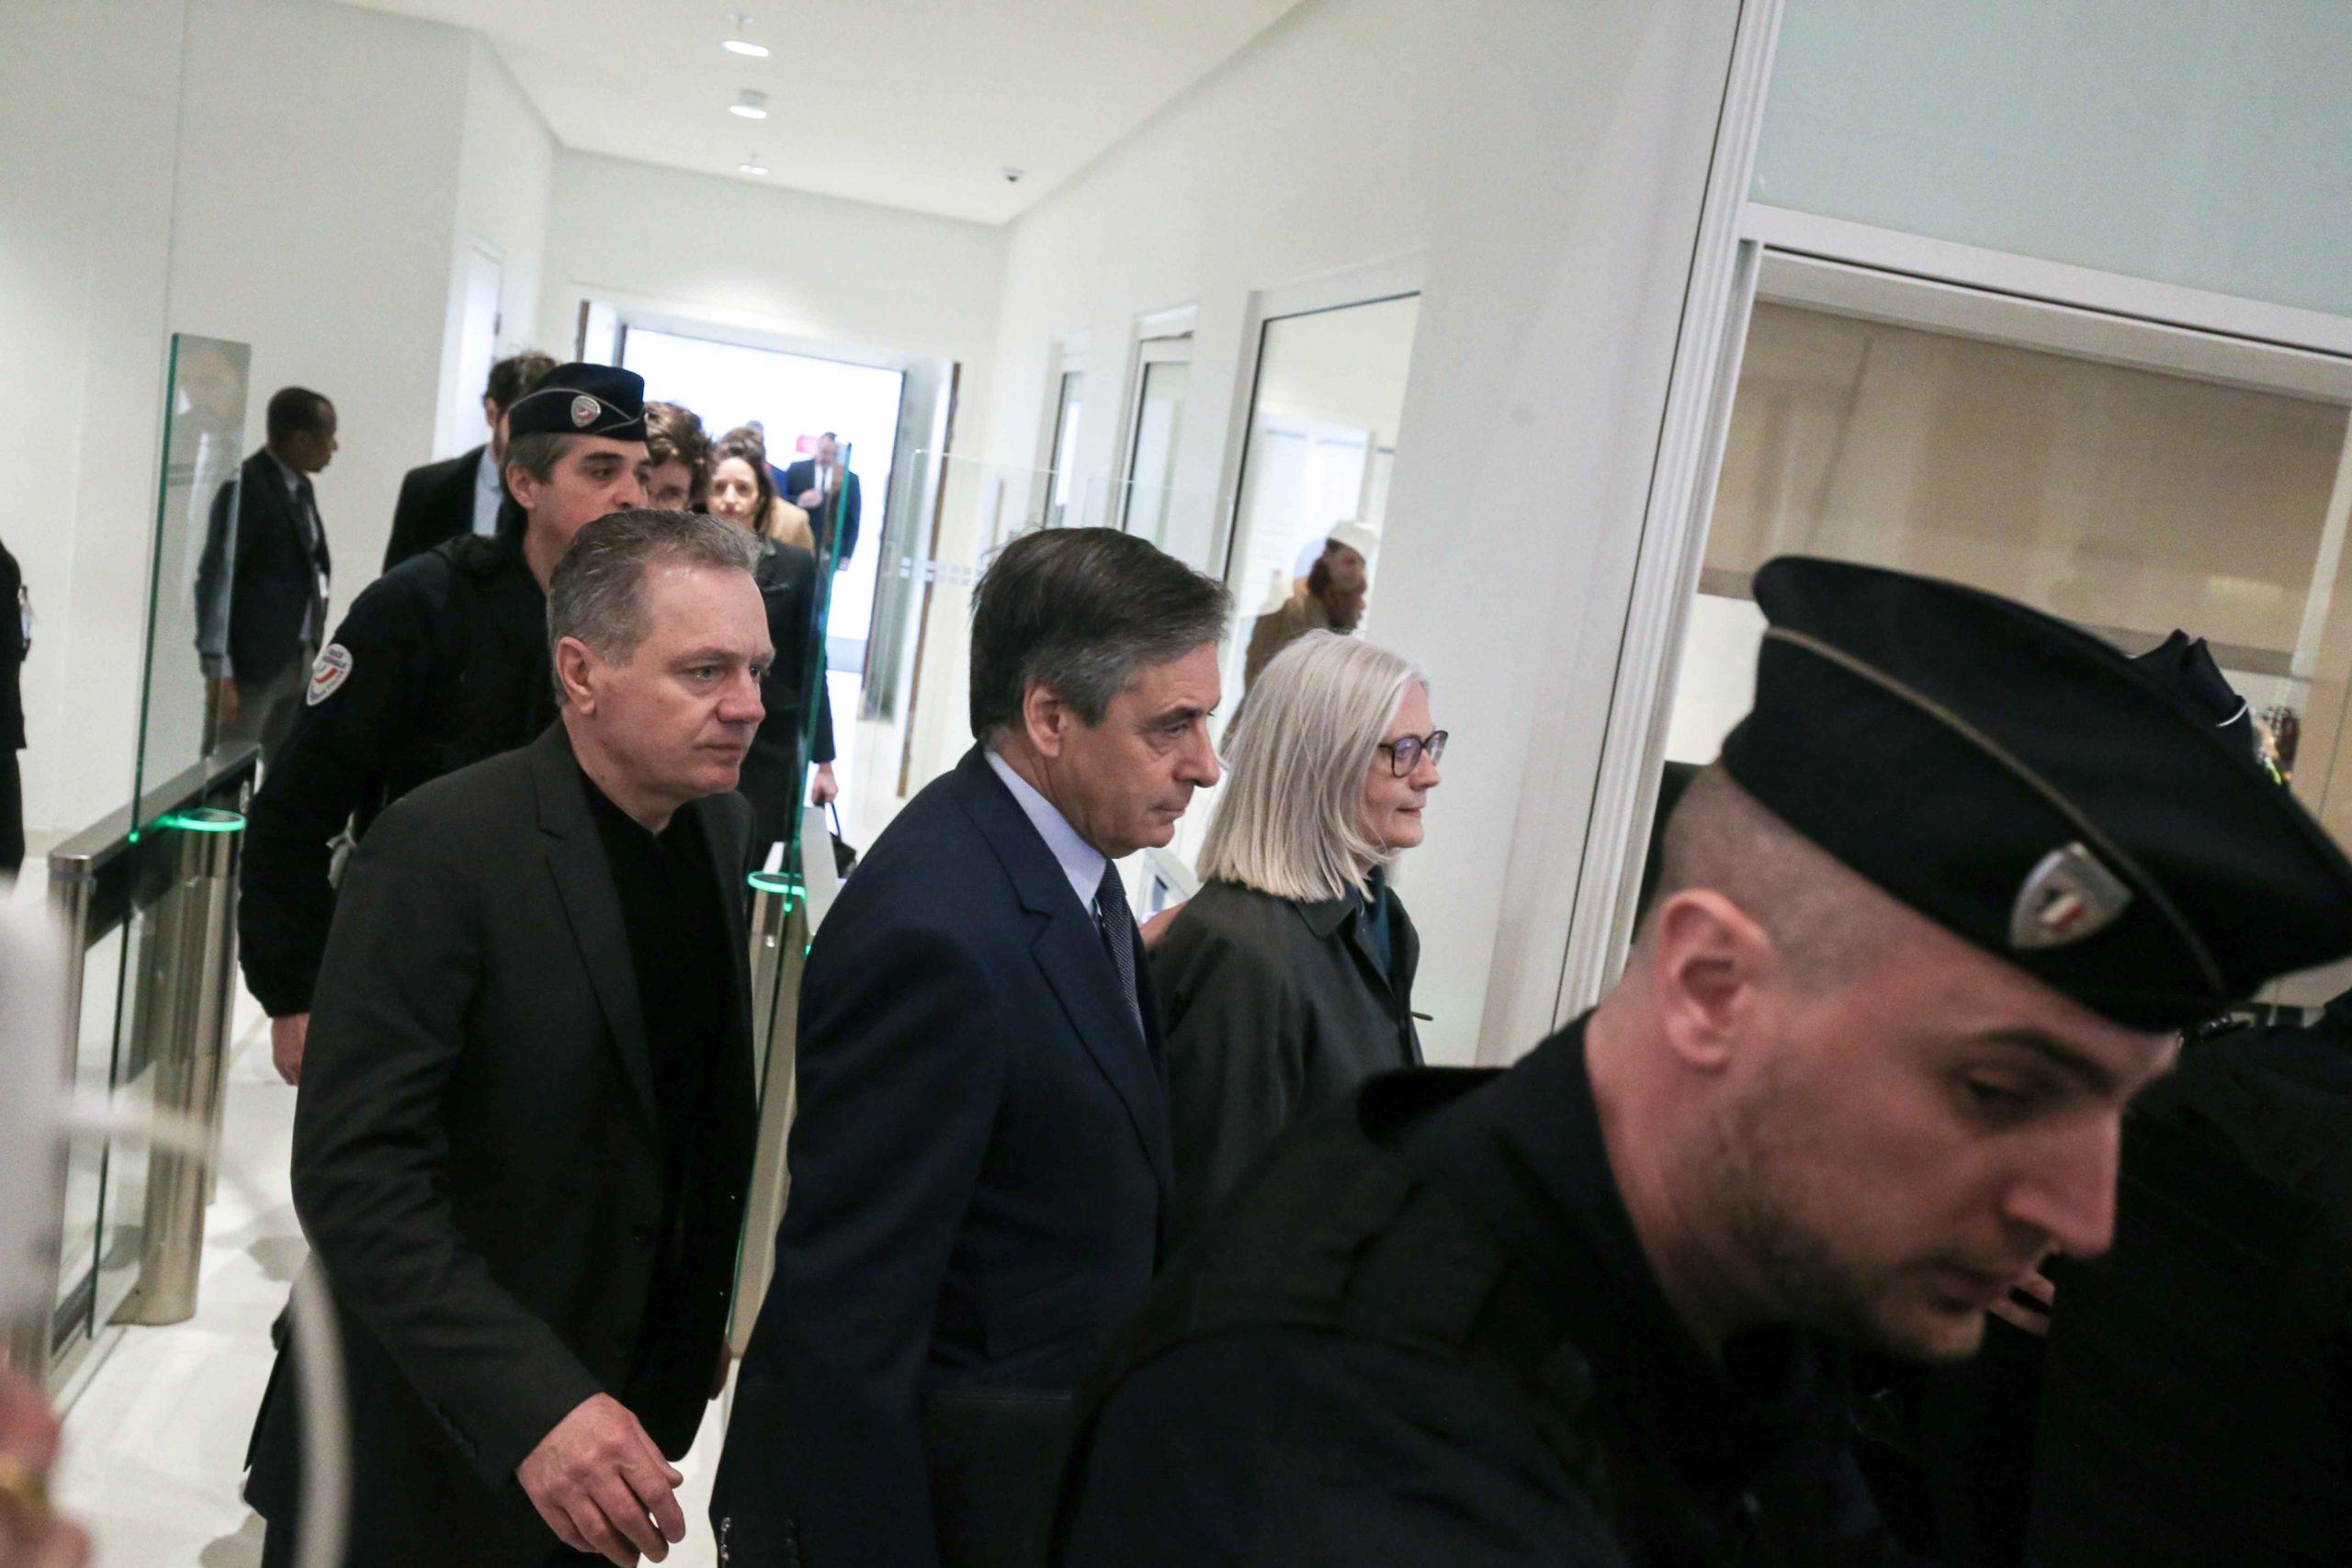 François et Pénélope Fillon arrivent au tribunal. © Michel Stoupak. Mer 26.02.2020, 13:14:55.